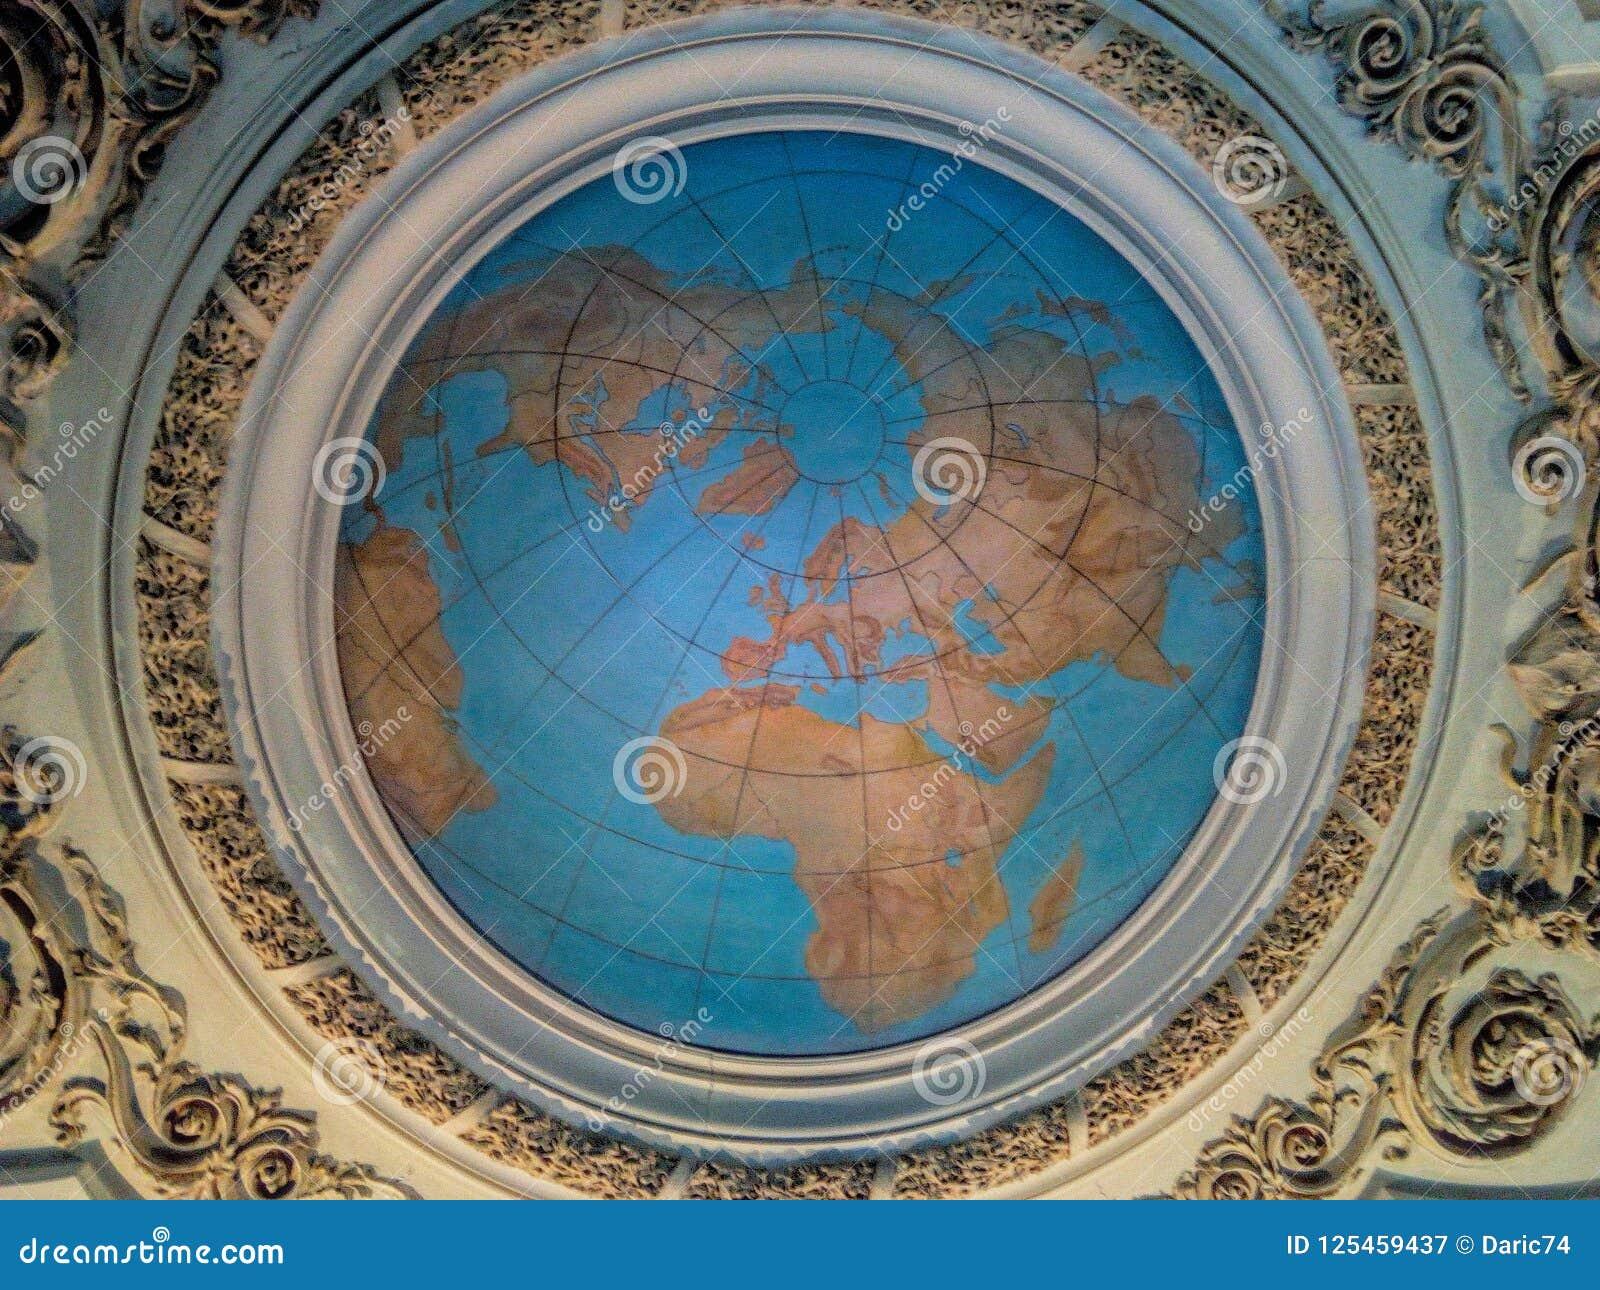 Earth Globe Ceiling